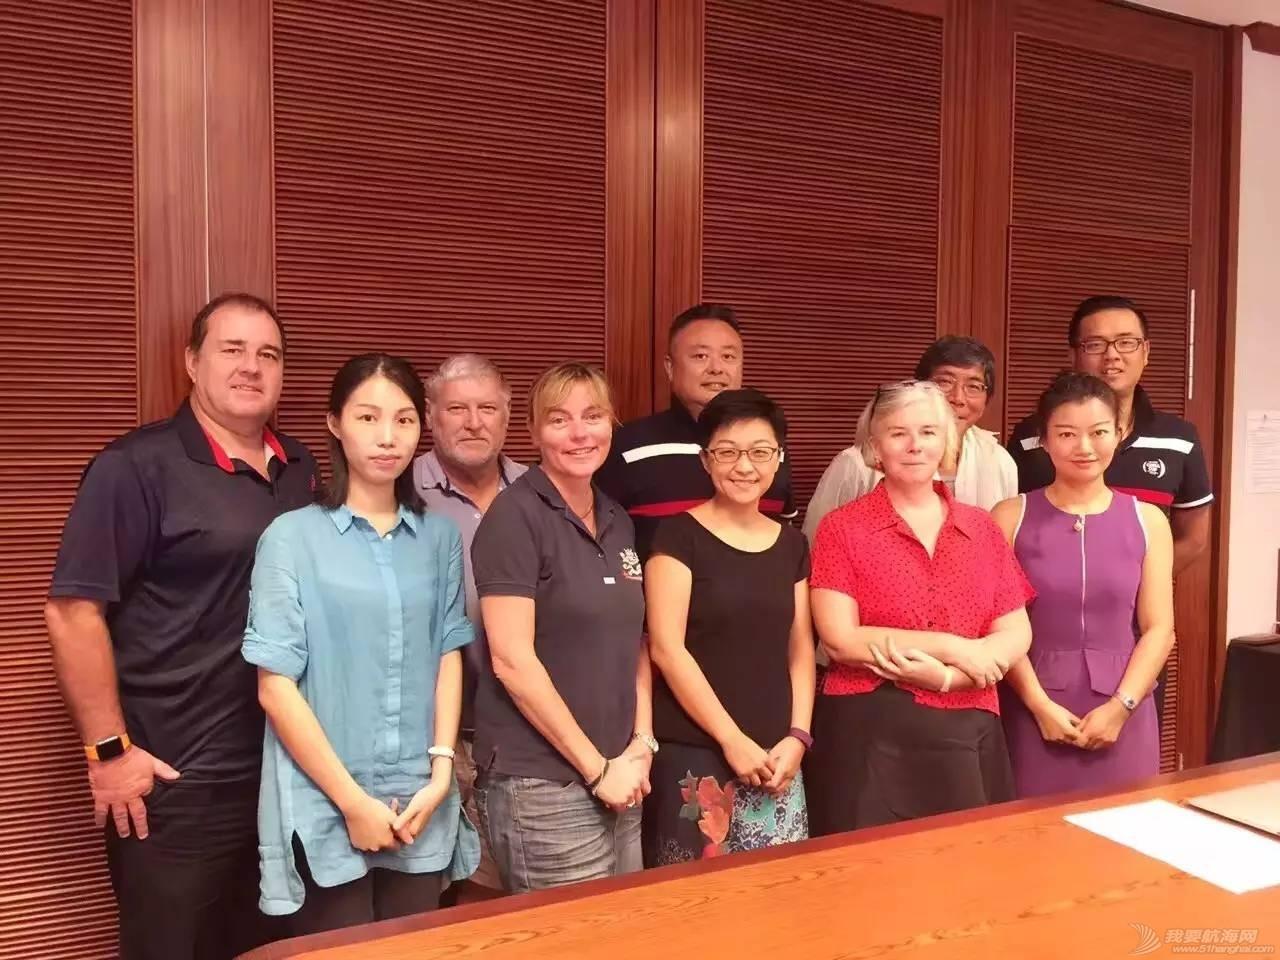 帆讯丨香港年度盛事环岛赛将于27日举办 5629a4b0d0f834240d978918cd9091c3.jpg